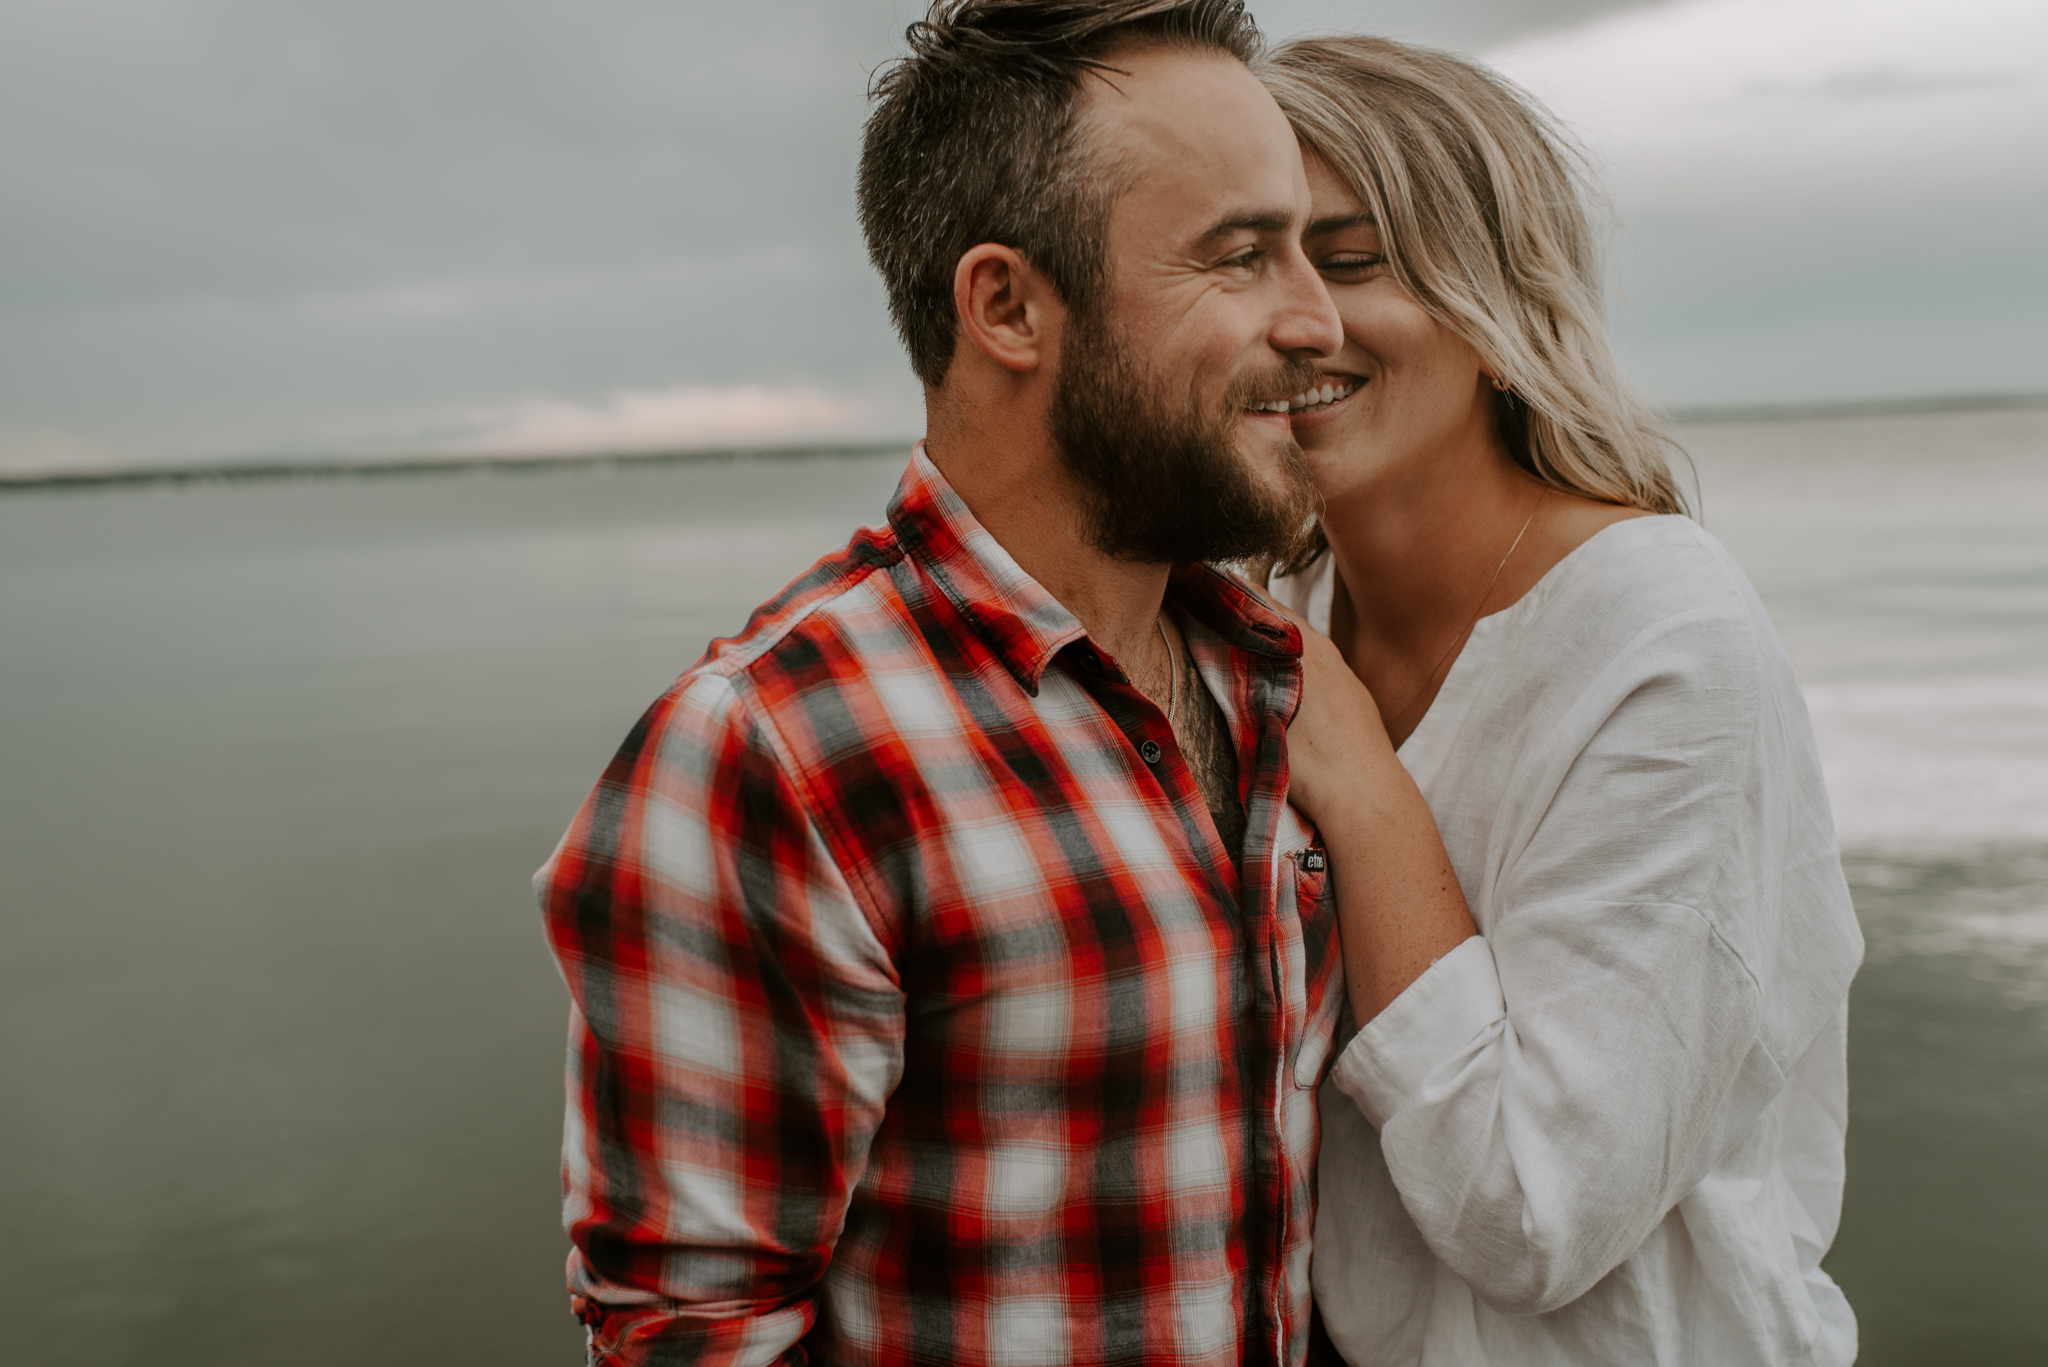 Lakeside engagement photos